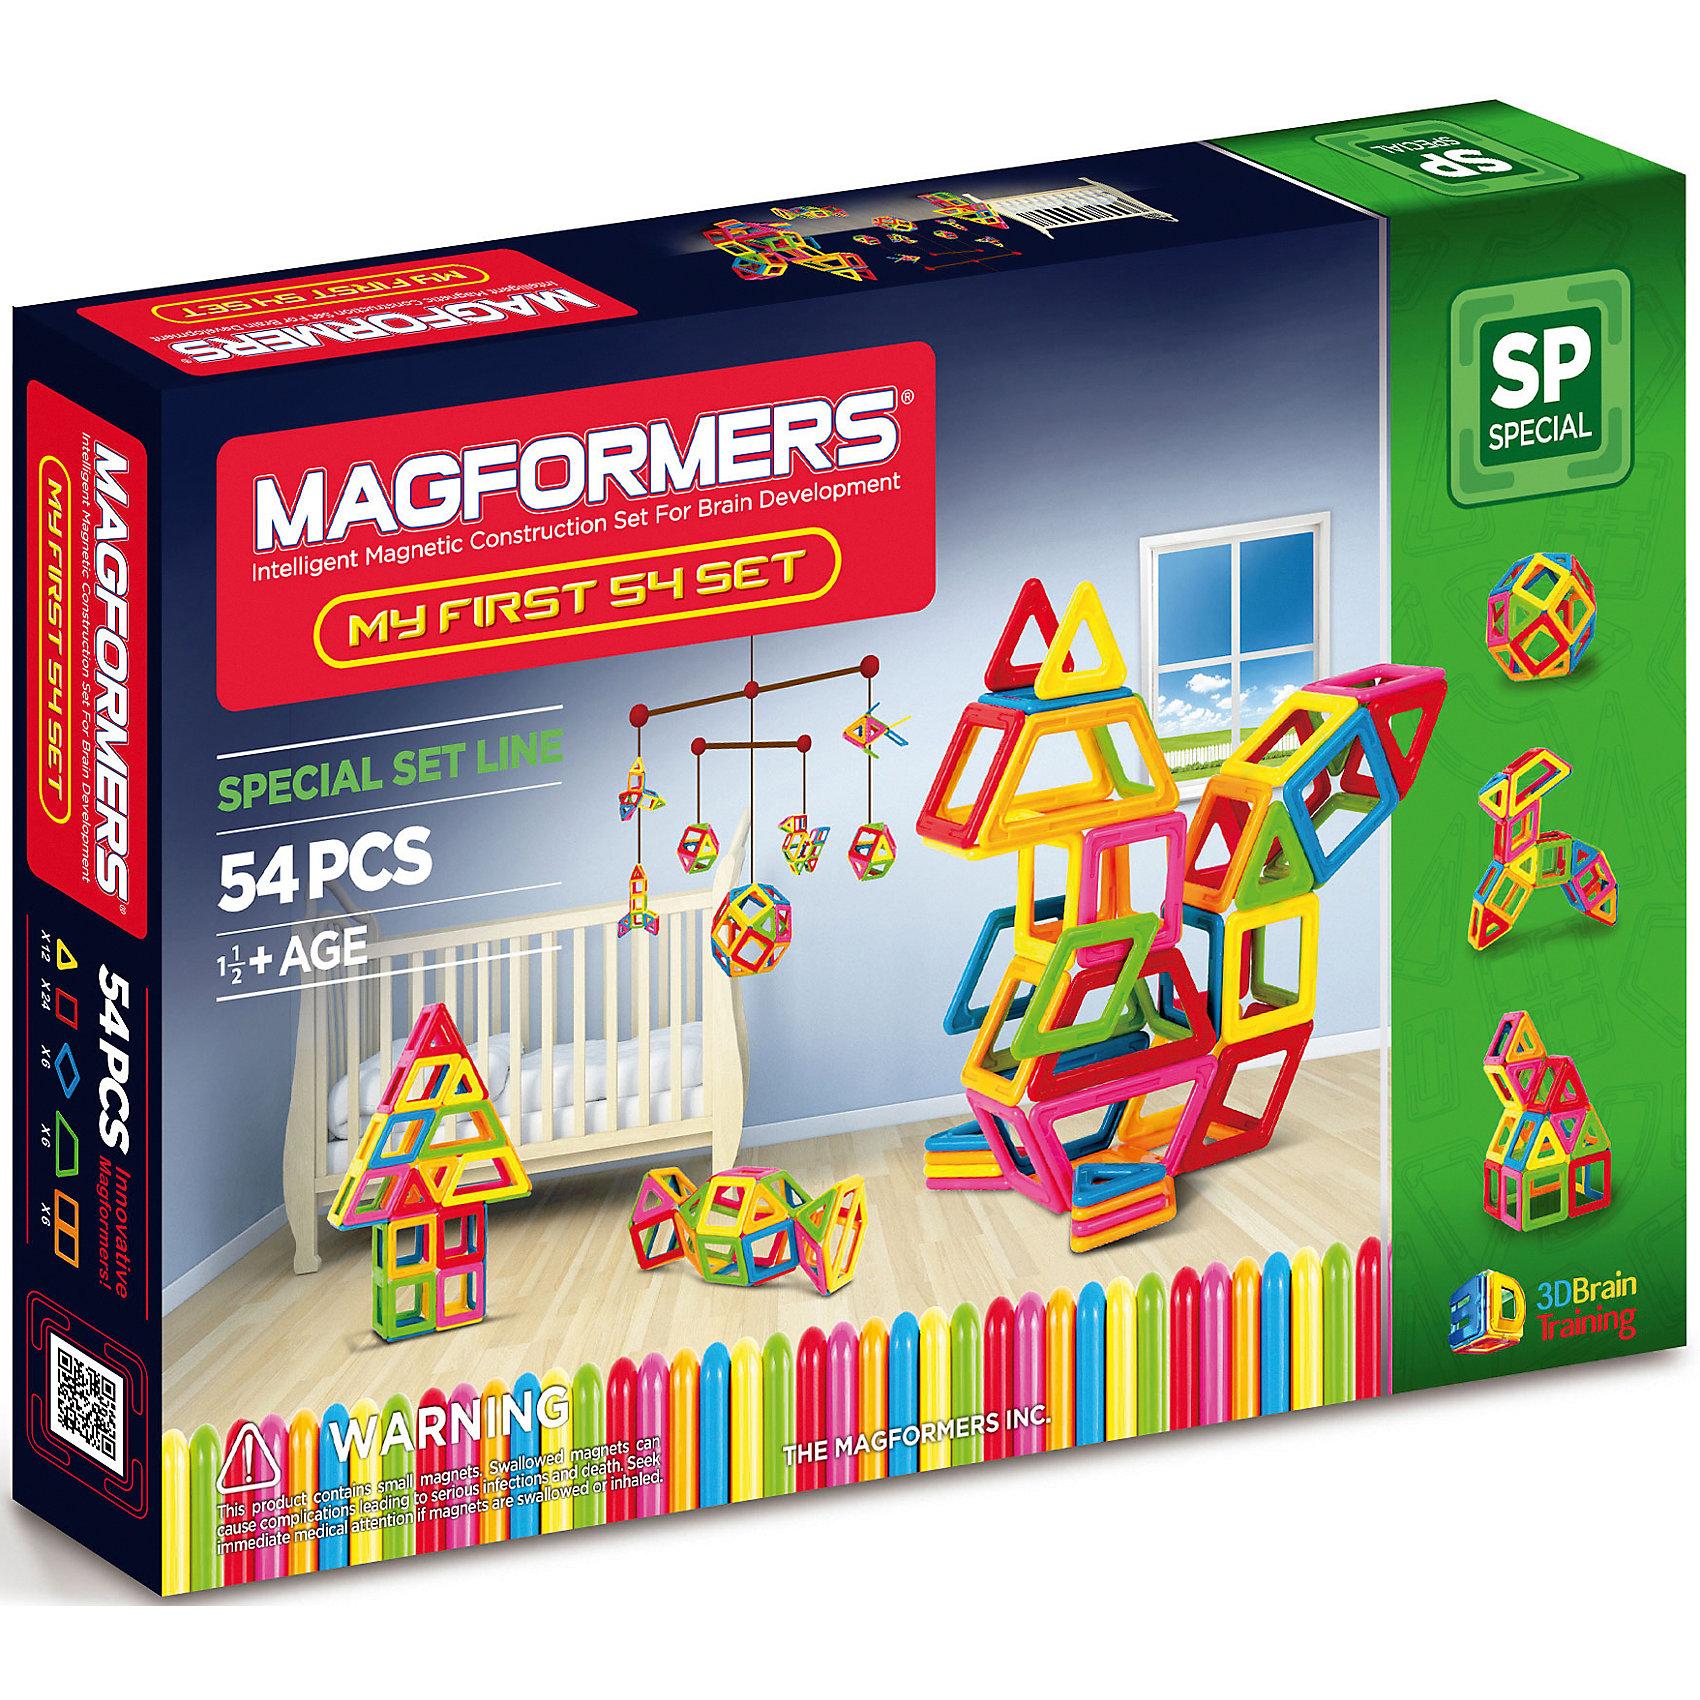 Магнитный конструктор My First Magformers 54, MAGFORMERSИдеальный конструктор для семьи с детьми, среди которых есть малыши возрастом до одного года. Данный набор абсолютно безопасен для детей самой младшей возрастной категории, что подтверждено сертификатами и присвоением особой категории 0+. Крупные детали, отсутствие острых углов и гладкие детали делают детали данного набора приемлемыми для игры с детьми с рождения. Однако данный набор будет интересен и детям постарше, ведь они смогут выполнять разнообразные задания, изучать цвета, создавать аппликации на плоскости и объемные фигуры. В набор входят, помимо самих деталей, сразу две дополнительные вещи - это специальная книга с заданиями и набор больших красочных карточек.<br><br>Дополнительная информация:<br><br>- Количество деталей: 54 шт. <br>- 12 треугольников; <br>- 24 квадрата; <br>- 6 ромбов; <br>- 6 трапеций; <br>- 6 прямоугольников. <br>- Возраст: от 1 года <br>- Материал: высококачественный пластик <br>- Размер упаковки: 54х31х10 см <br>- Вес в упаковке: 1.5 кг. <br><br>Купить магнитный конструктор My First Magformers 54 MAGFORMERS   можно в нашем магазине.<br><br>Ширина мм: 380<br>Глубина мм: 255<br>Высота мм: 47<br>Вес г: 1408<br>Возраст от месяцев: 18<br>Возраст до месяцев: 72<br>Пол: Унисекс<br>Возраст: Детский<br>SKU: 4730846